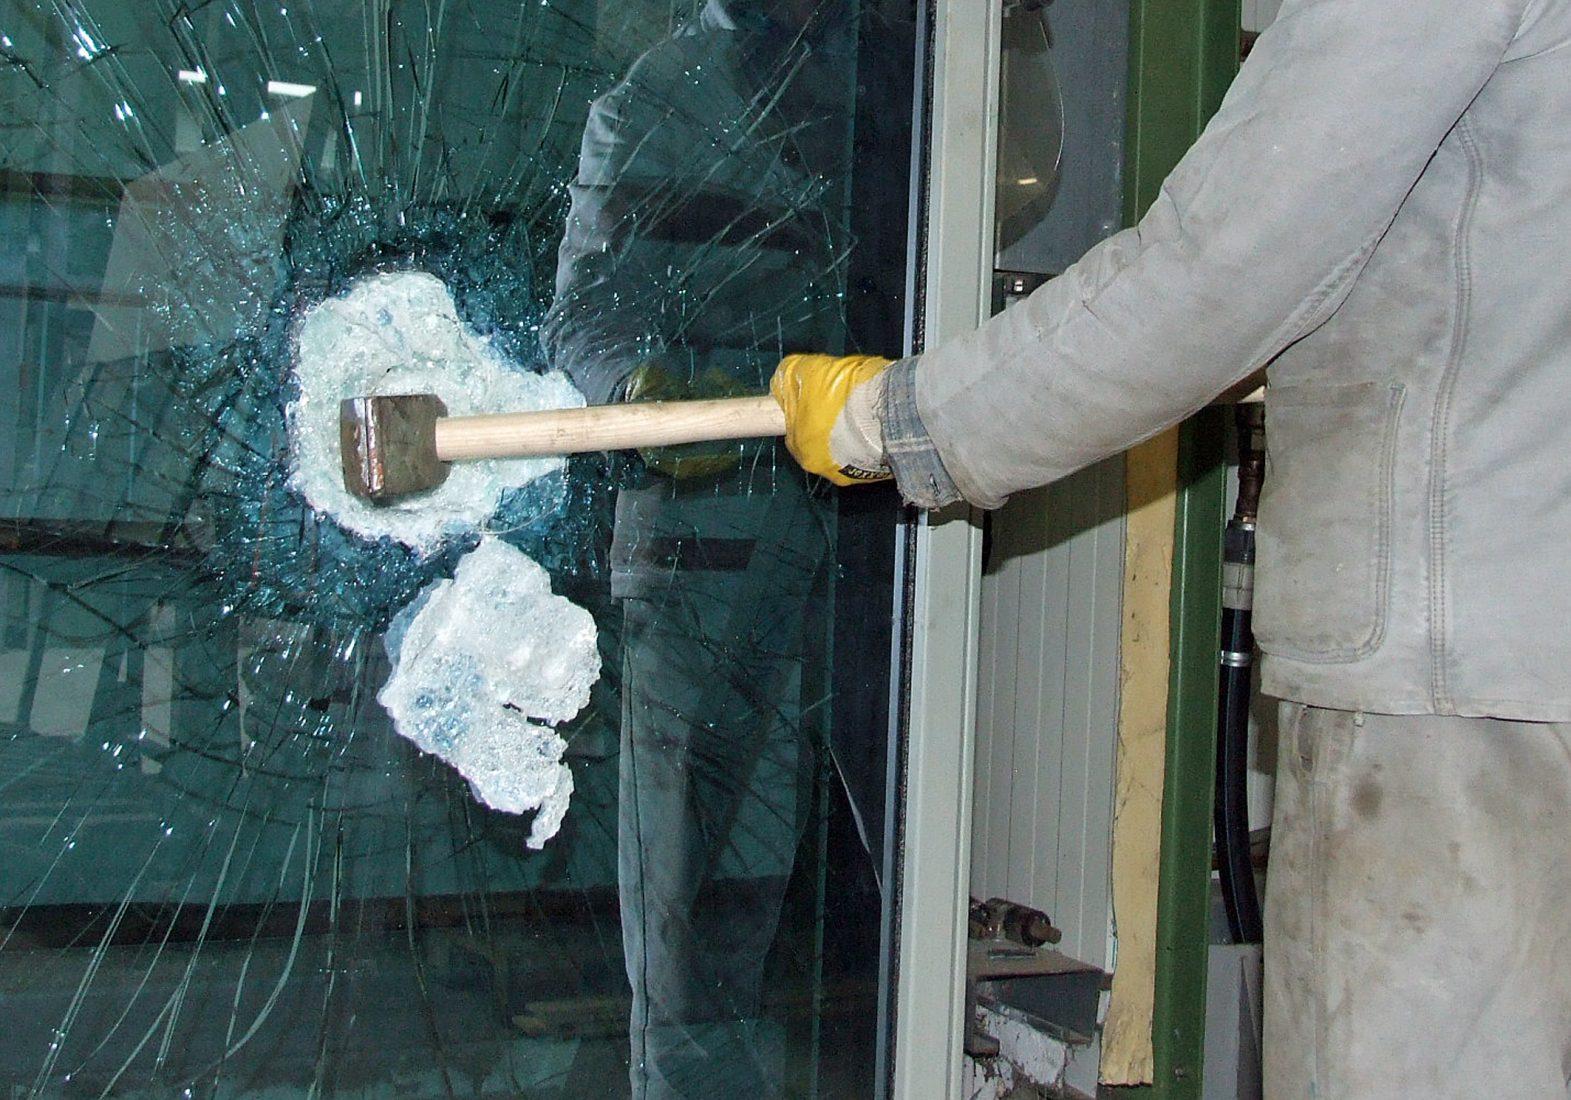 Full Size of Splitterschutzfolie Hornbach Einbruchschutz Fenster Folie Was Ist Sicherheitsglas Klebefolie Wohnzimmer Splitterschutzfolie Hornbach